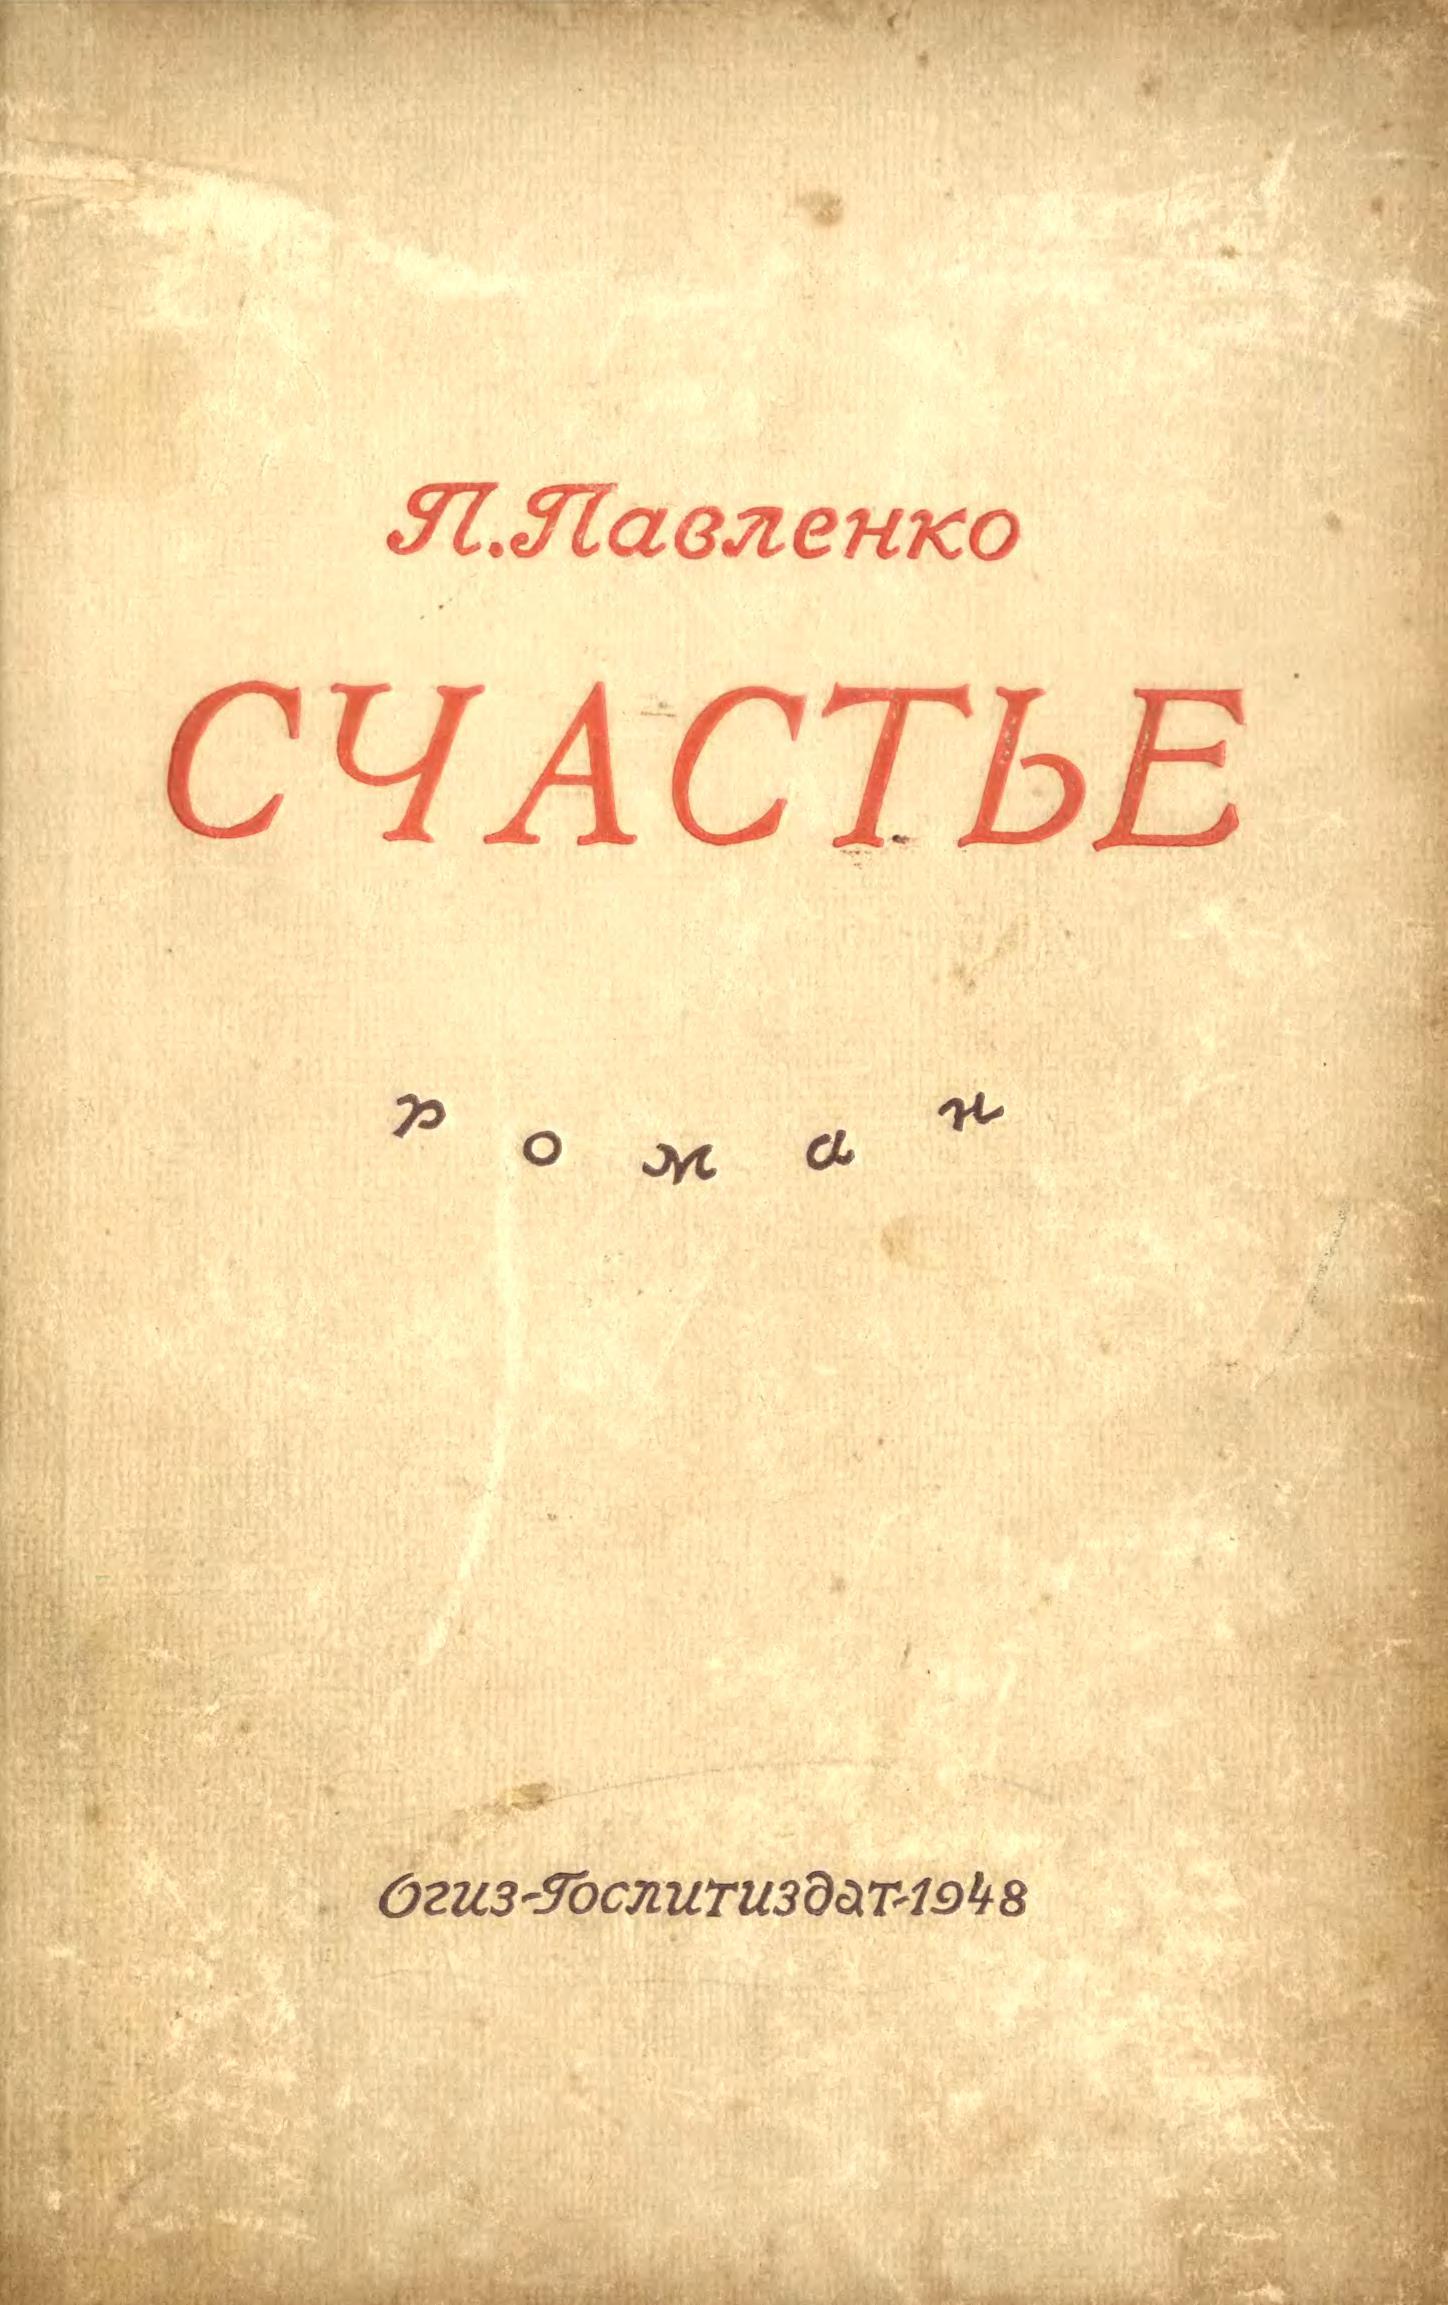 П. Павленко, Счастье, Роман 1948_1